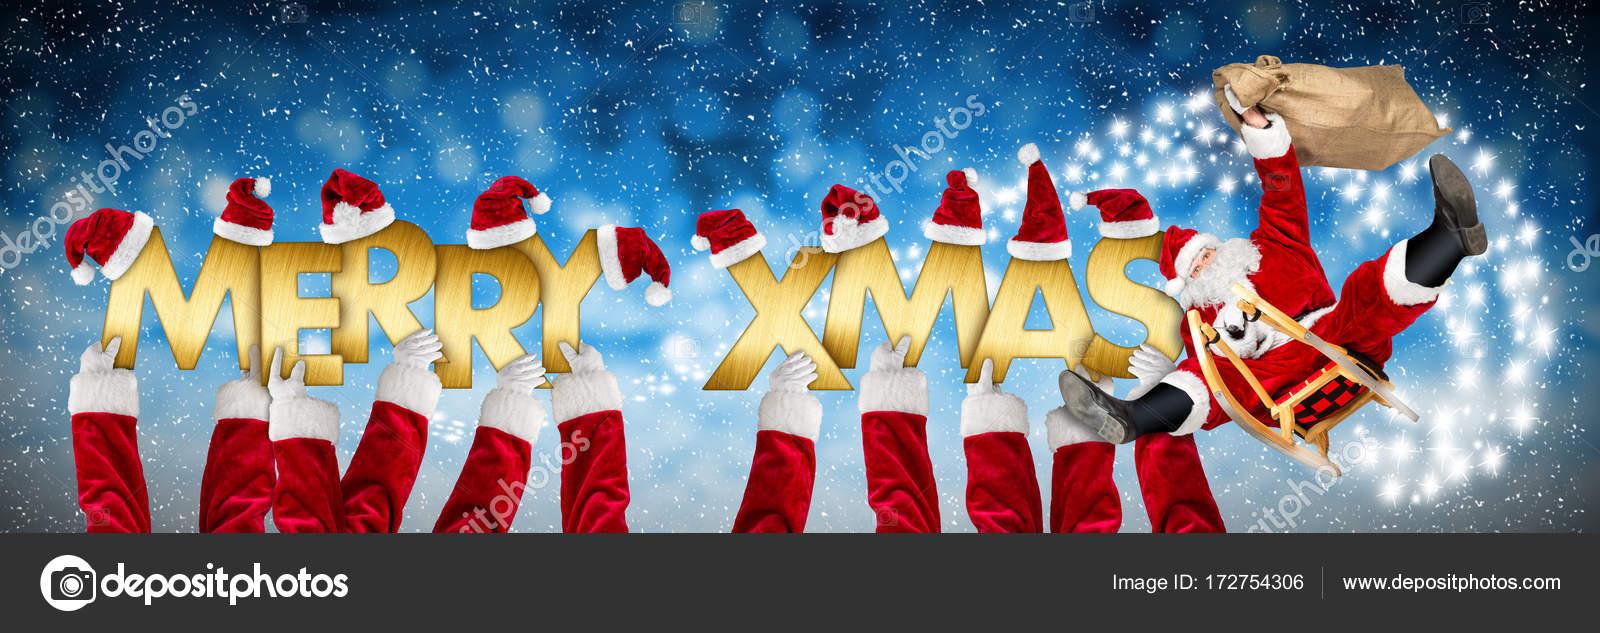 Frohe Weihnachten Lustige Bilder.Frohe Weihnachten Weihnachten Gruss Crazy Lustige